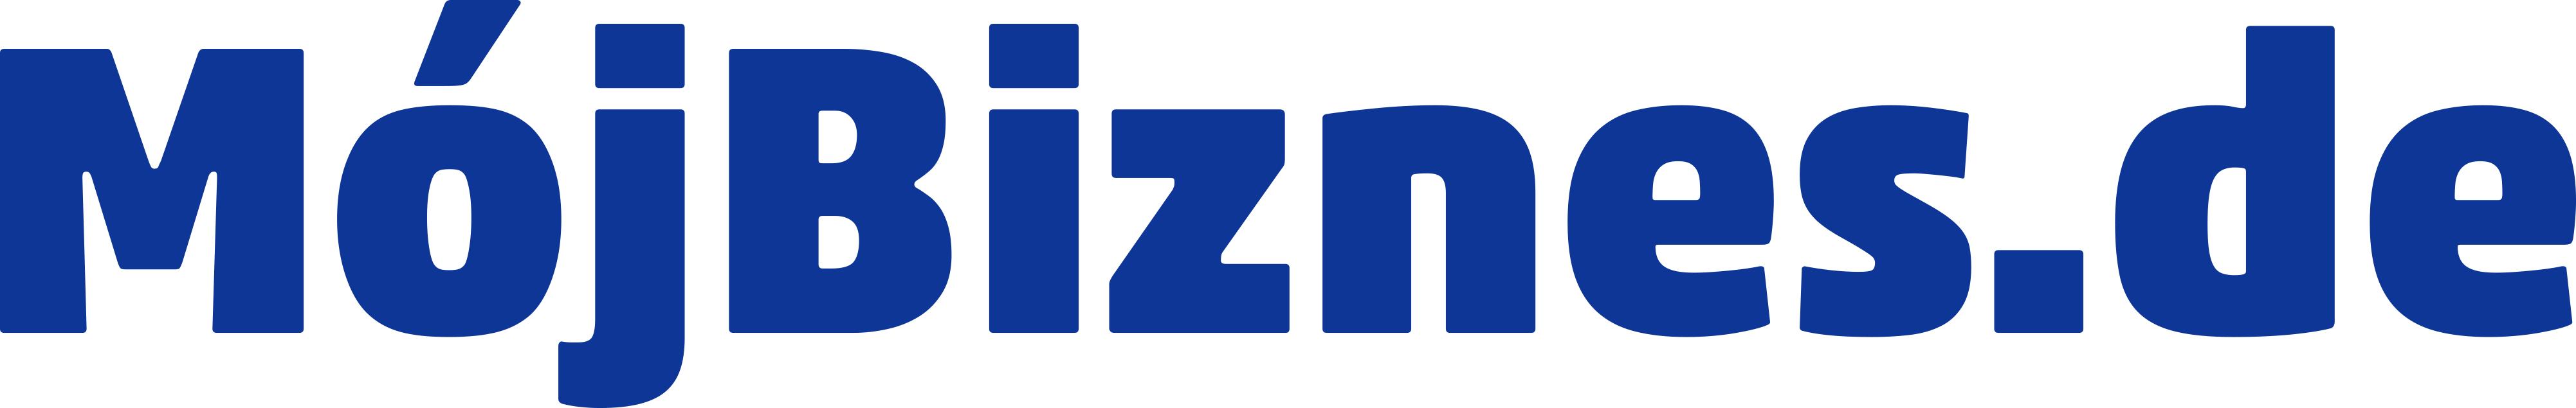 MojBiznes_Logo_1Z_b